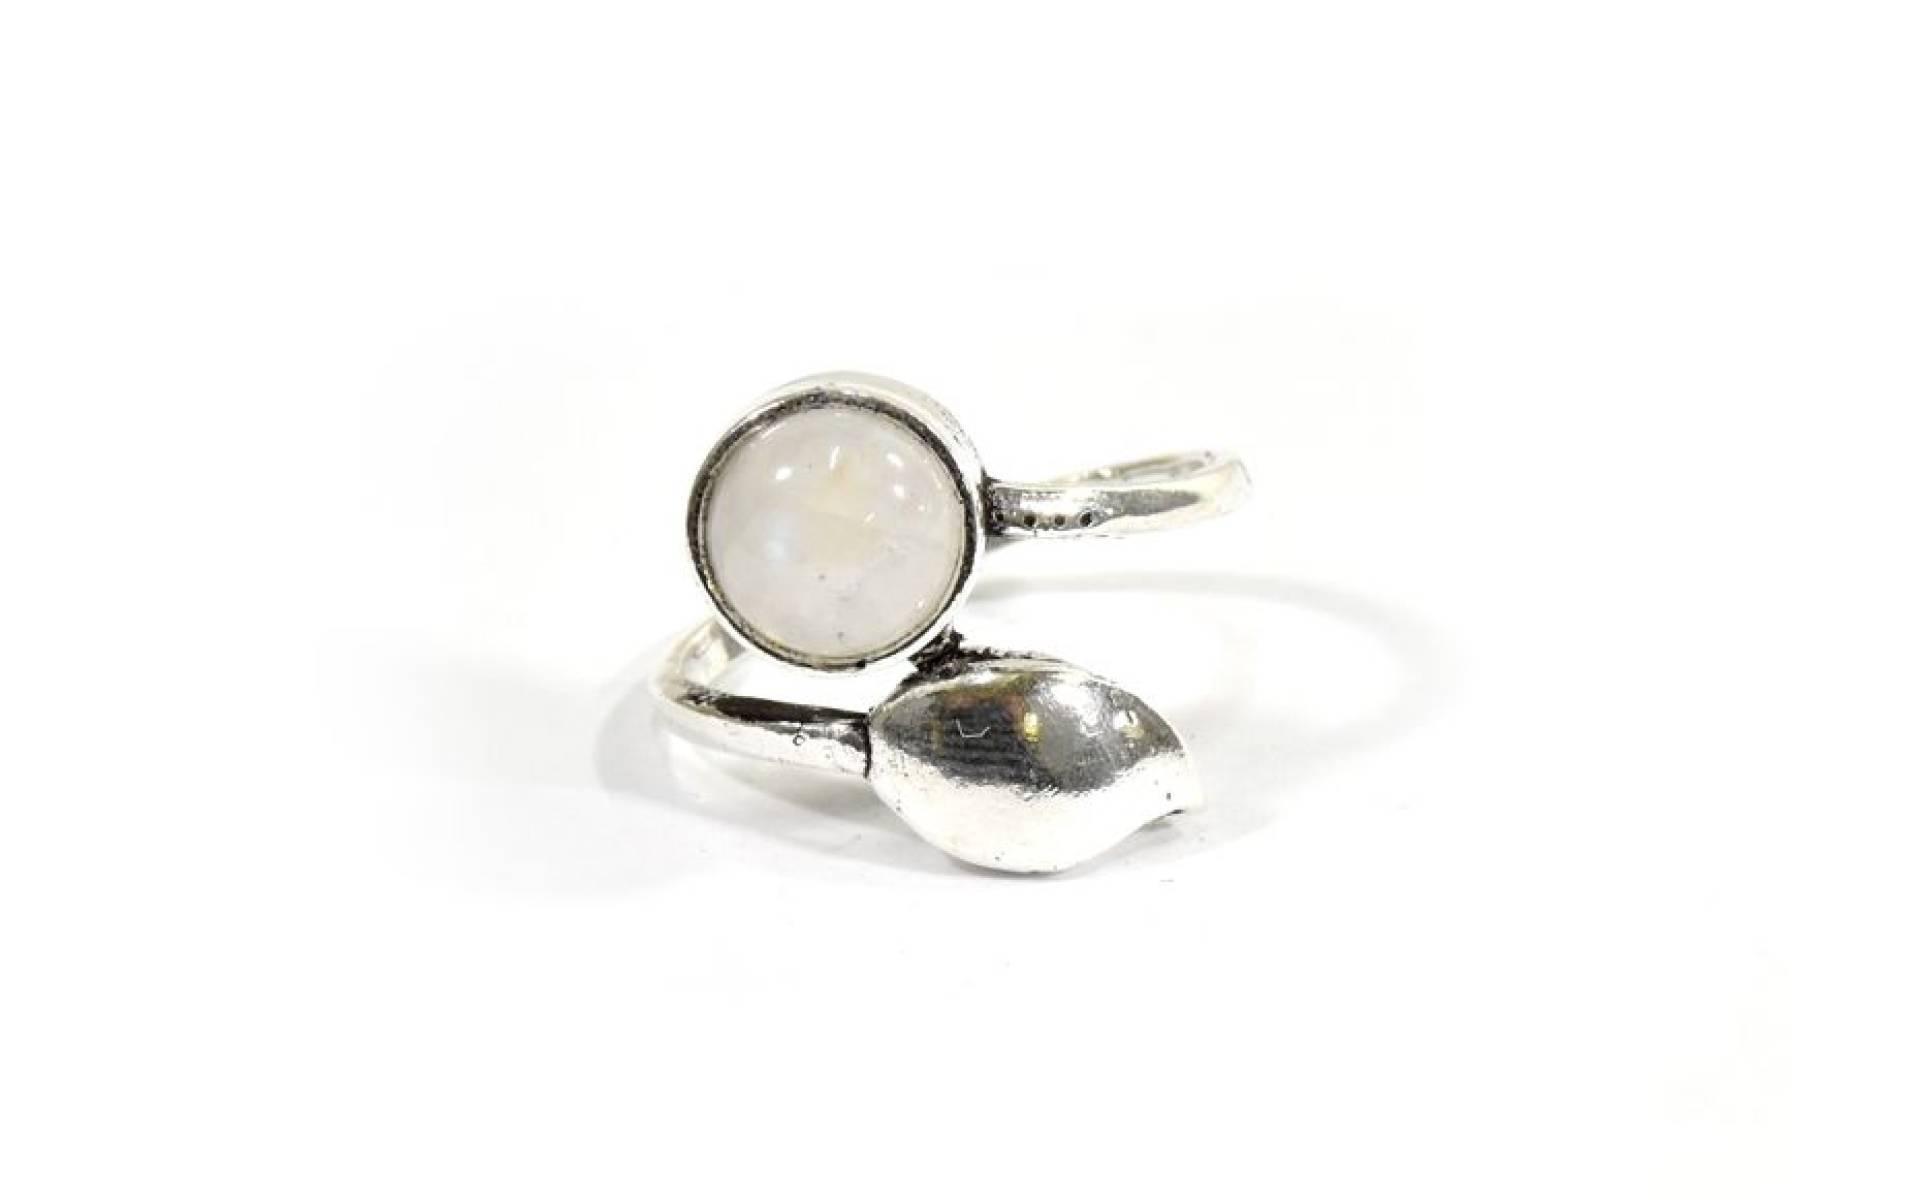 Prsteň vykladaný mesačným kameňom, postriebrený (10μm)